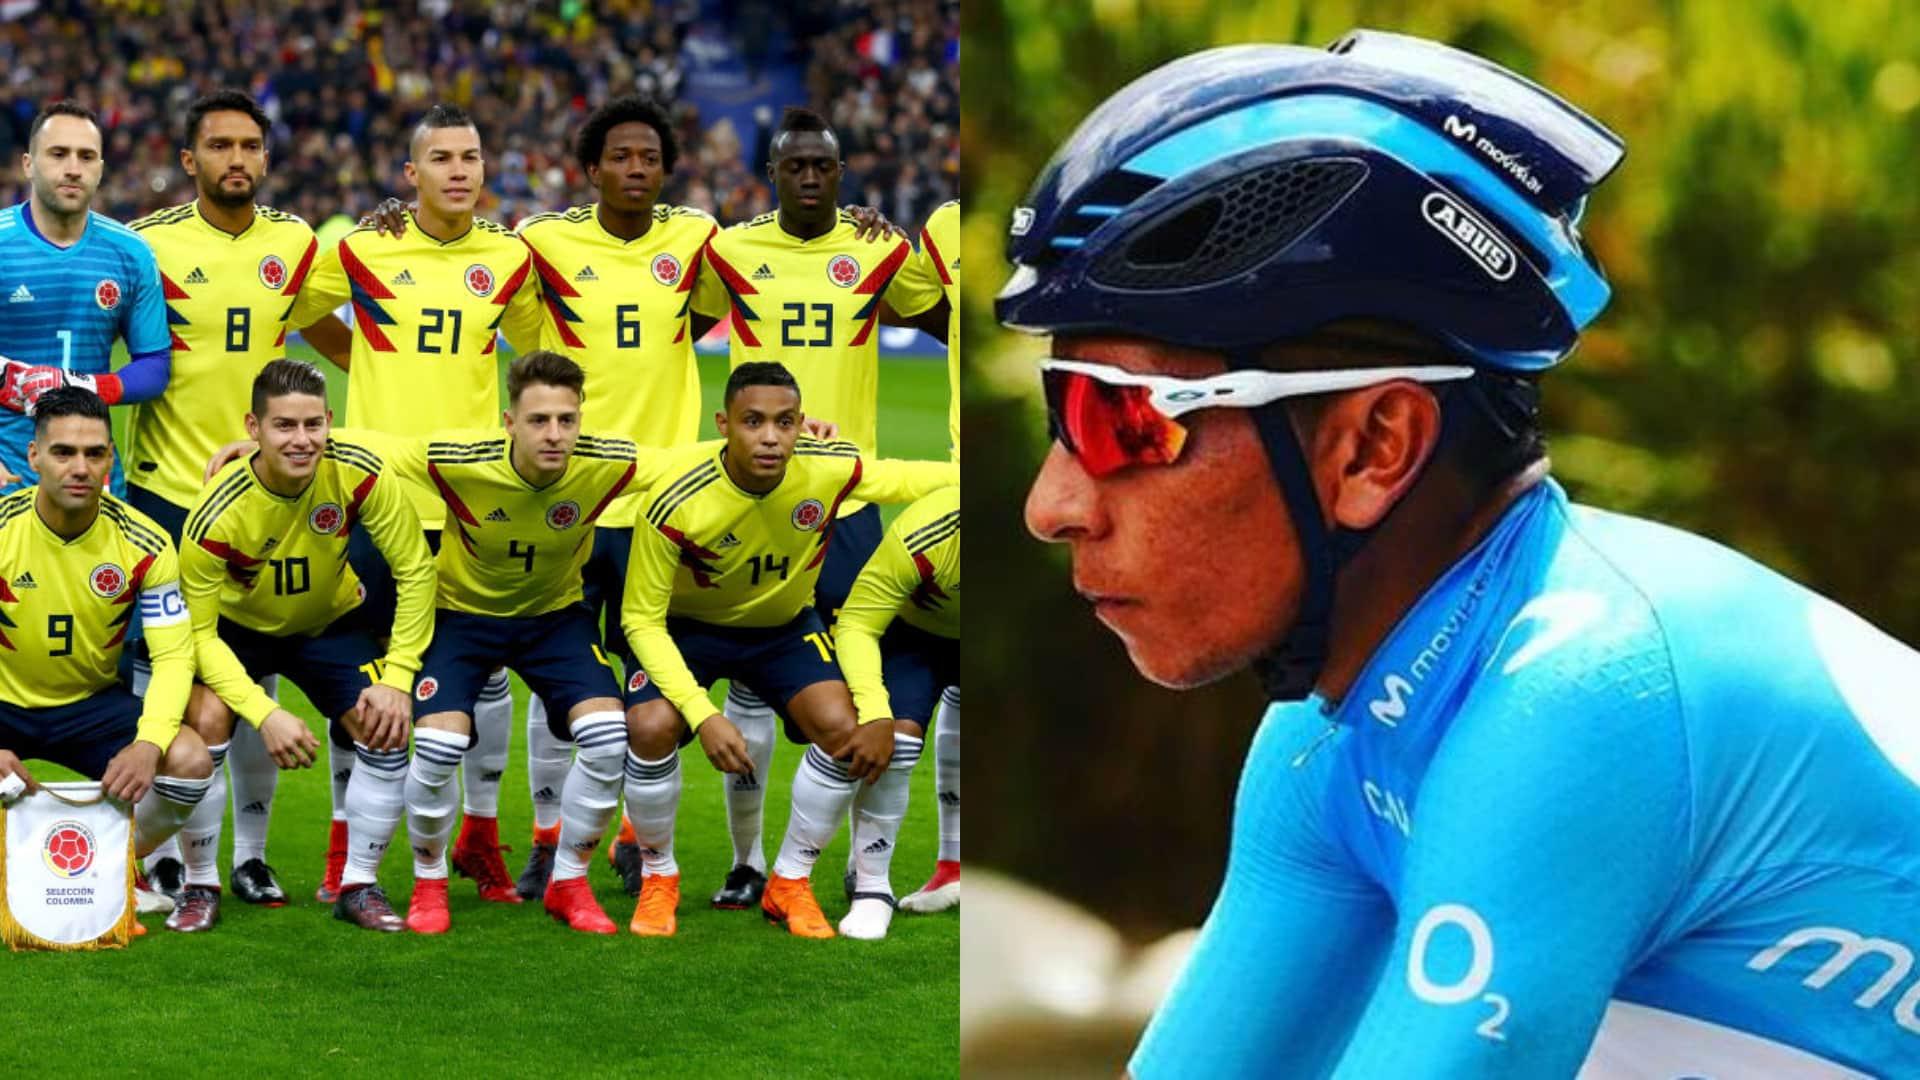 Video: Mensaje de Nairo Quintana para la selección Colombia rumbo al Mundial Rusia 2018